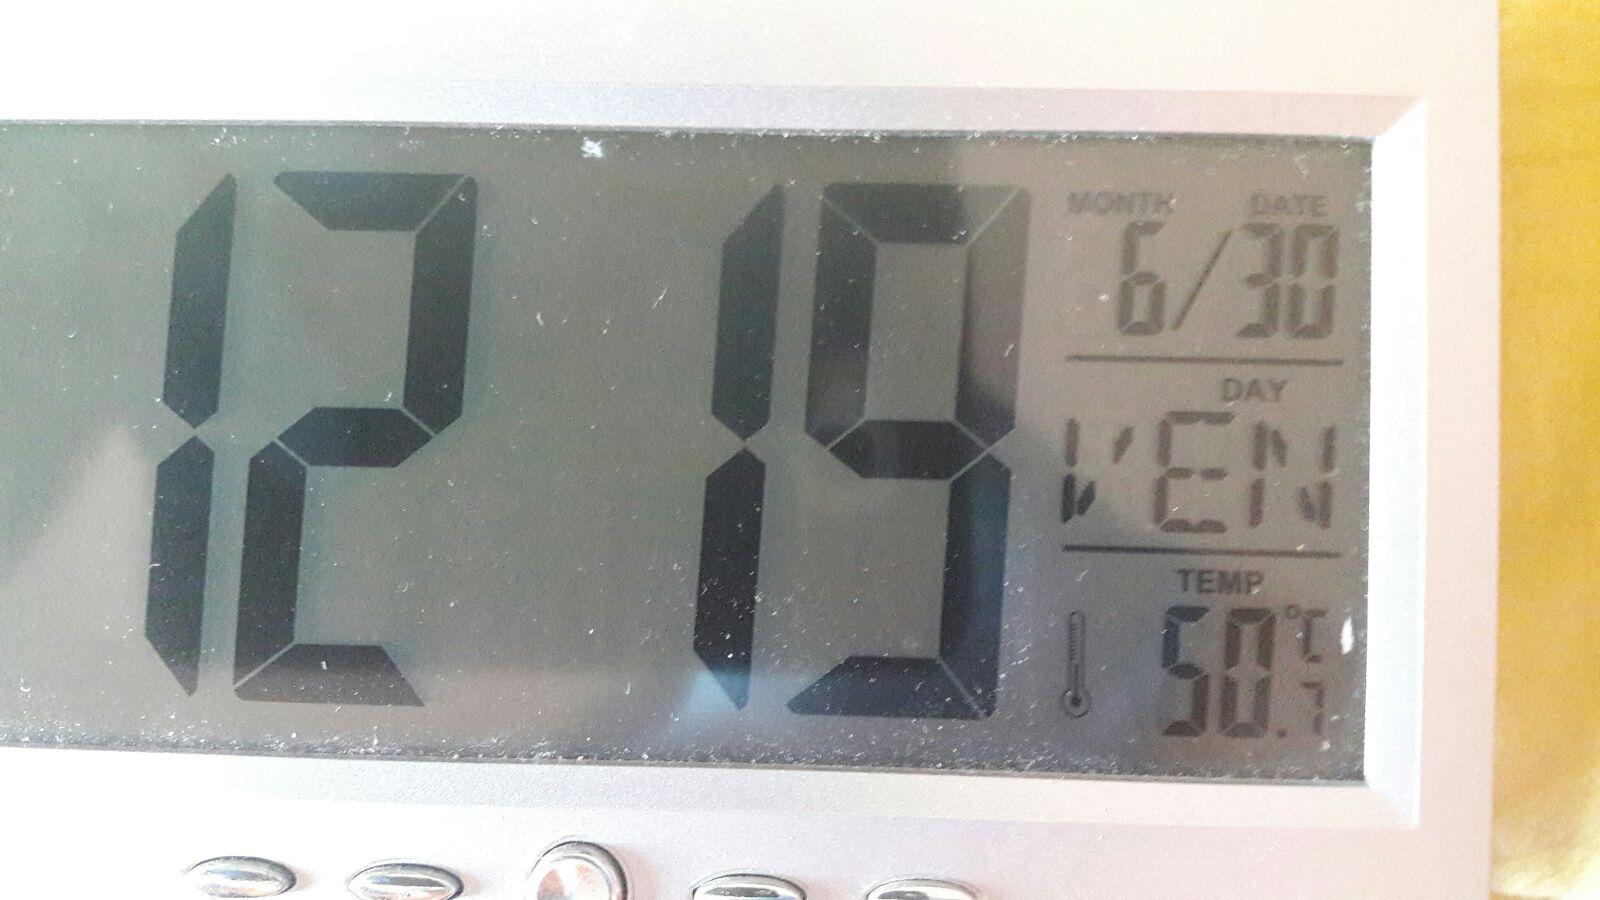 Nel Vibonese il termometro segna 50,7 gradiRecord di caldo continua ad avvolgere la Calabria